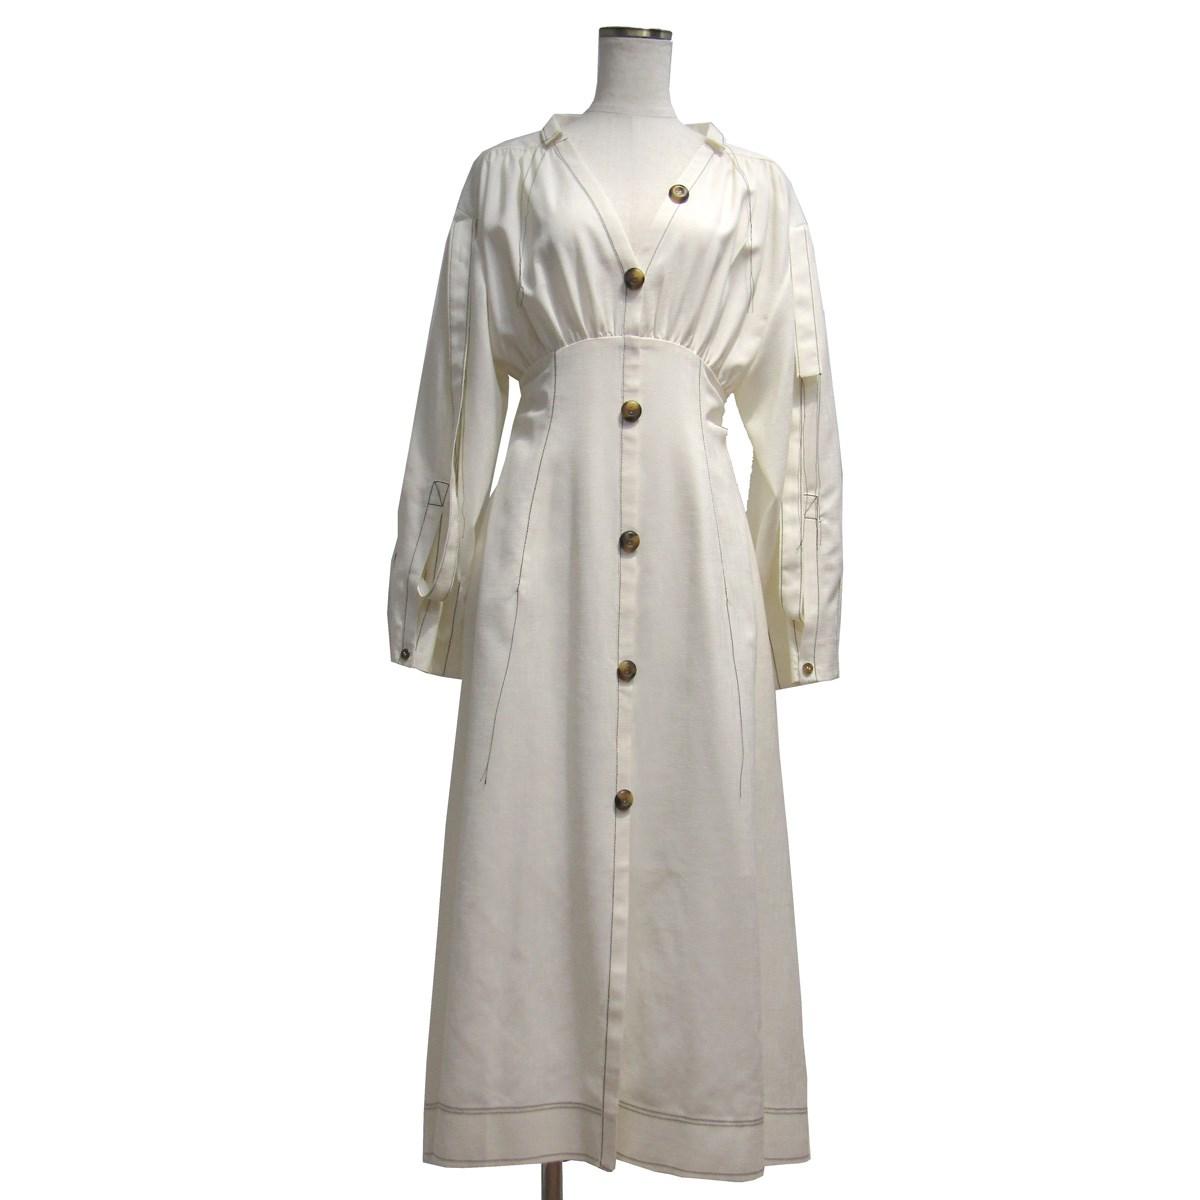 【中古】IRENE 2019SS Stitch Dress ステッチディティールドレス ワンピース アイボリー サイズ:36 【050520】(アイレネ)